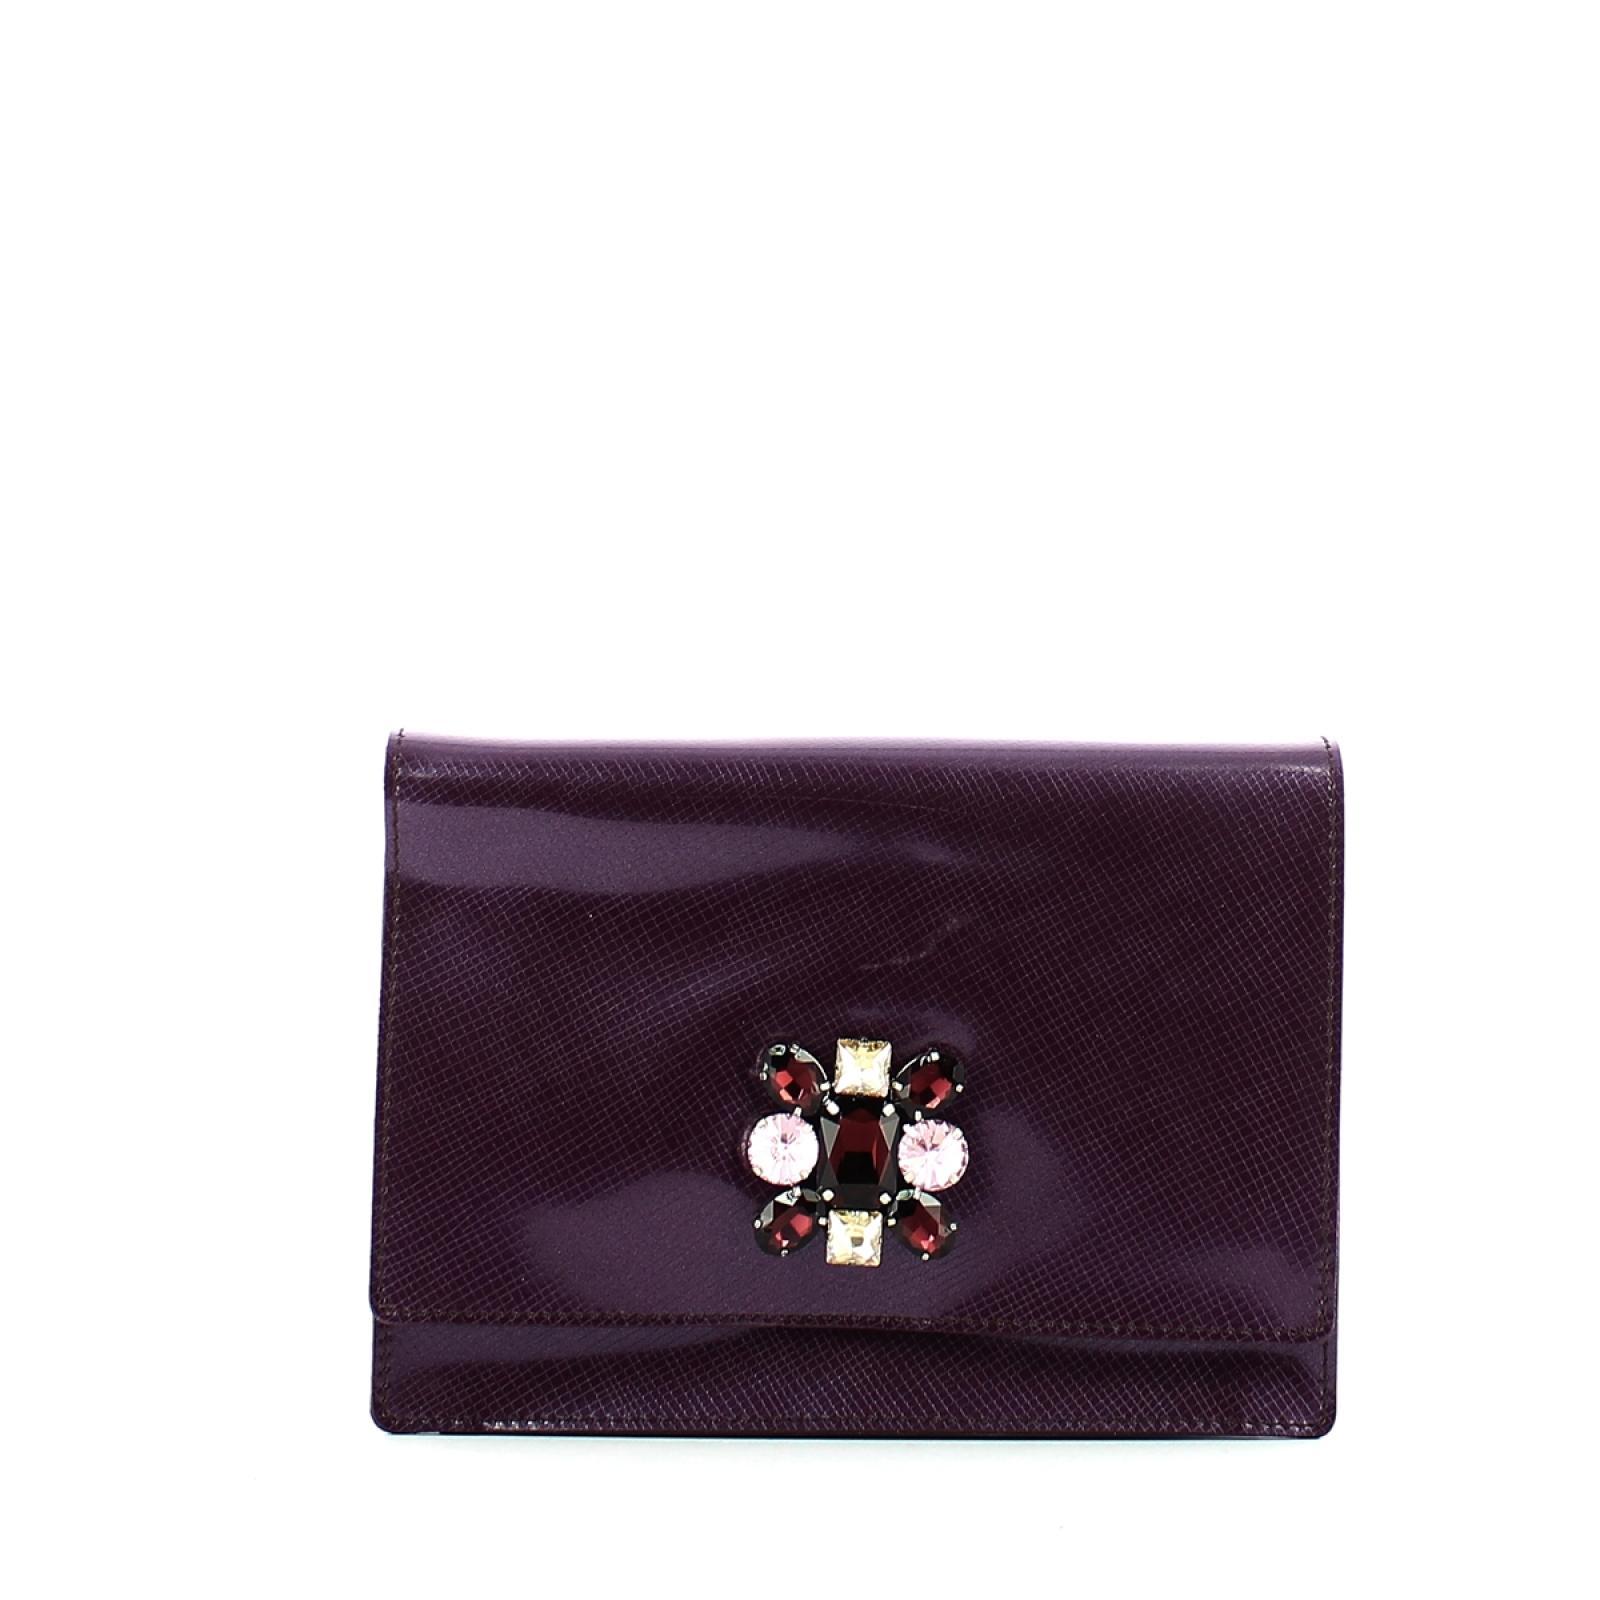 Gum Gianni Chiarini Bag Dolly S - 1